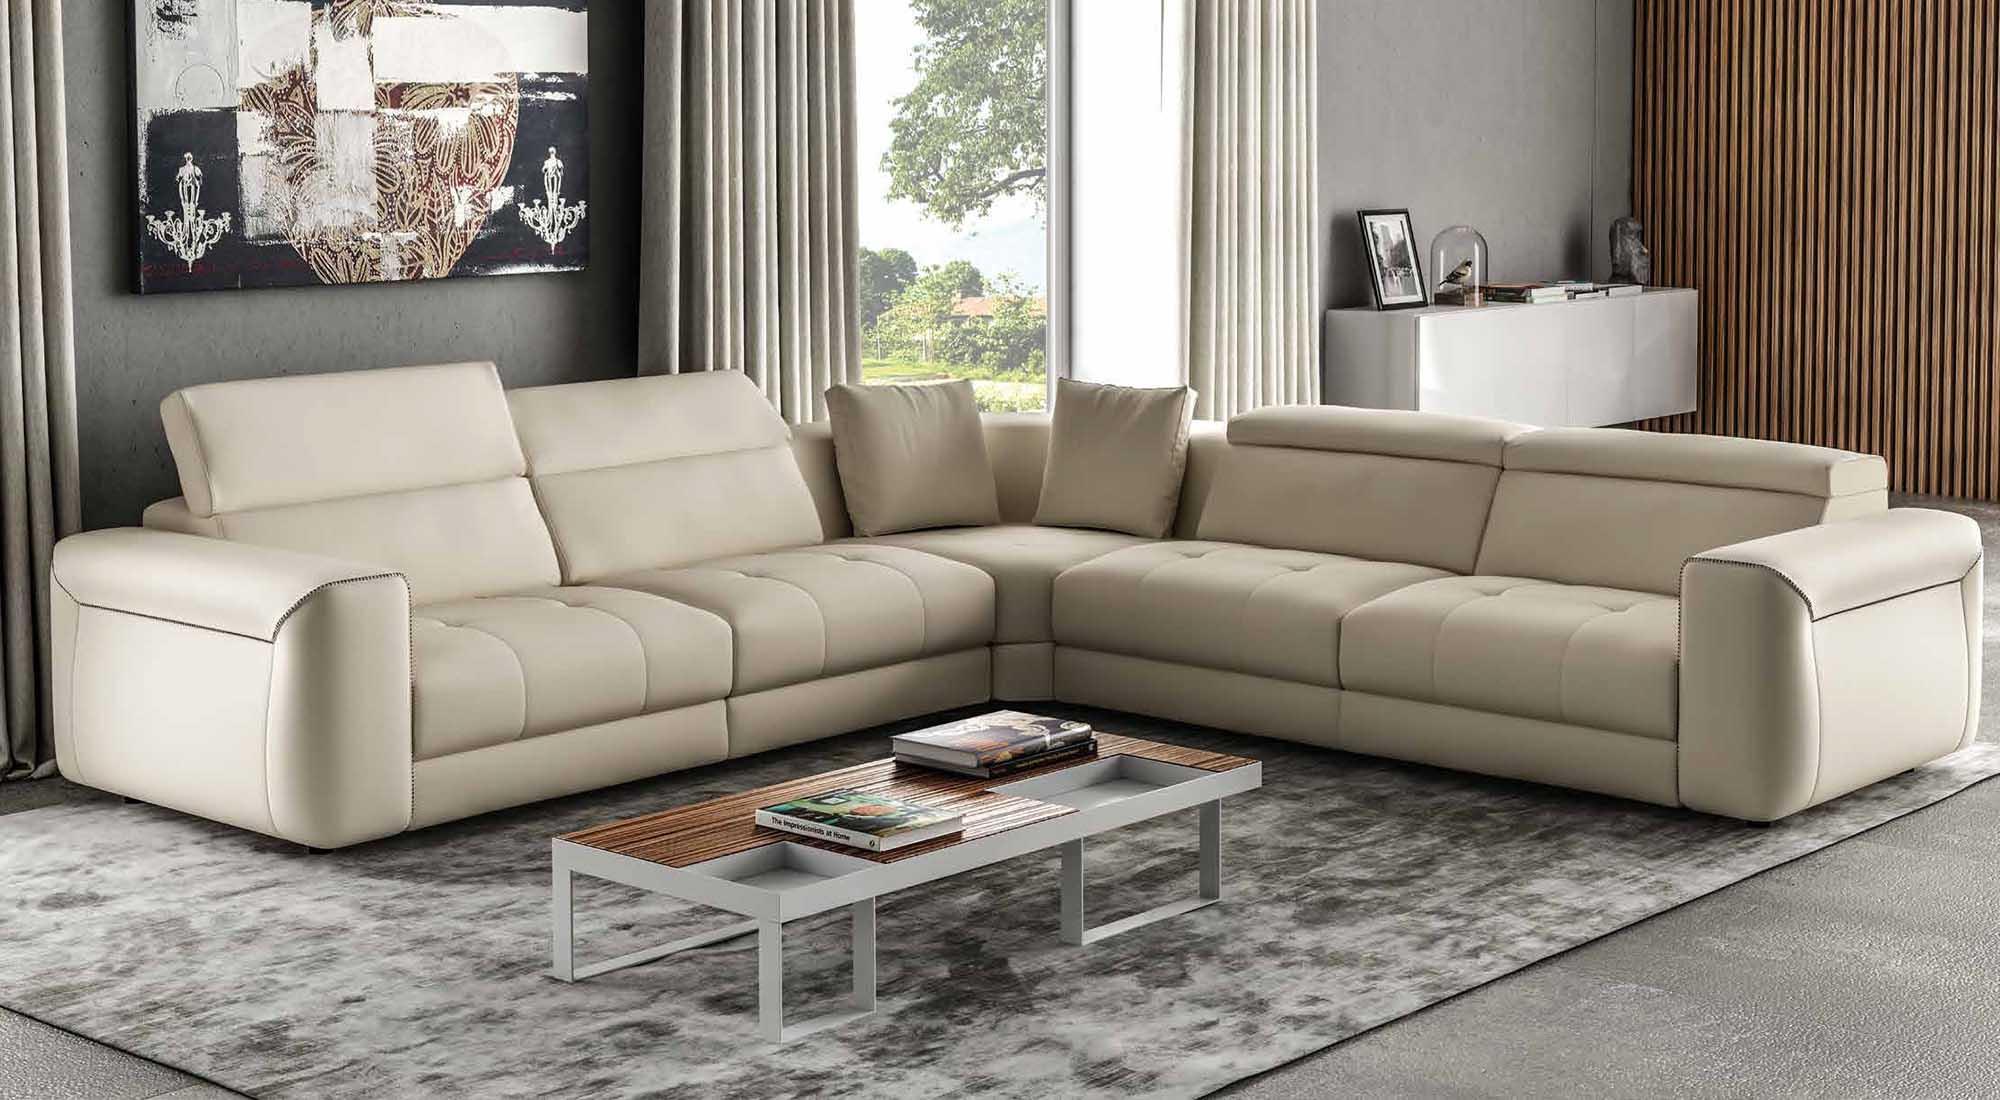 I migliori divani in pelle da arredamenti meneghello for Arredamento divani